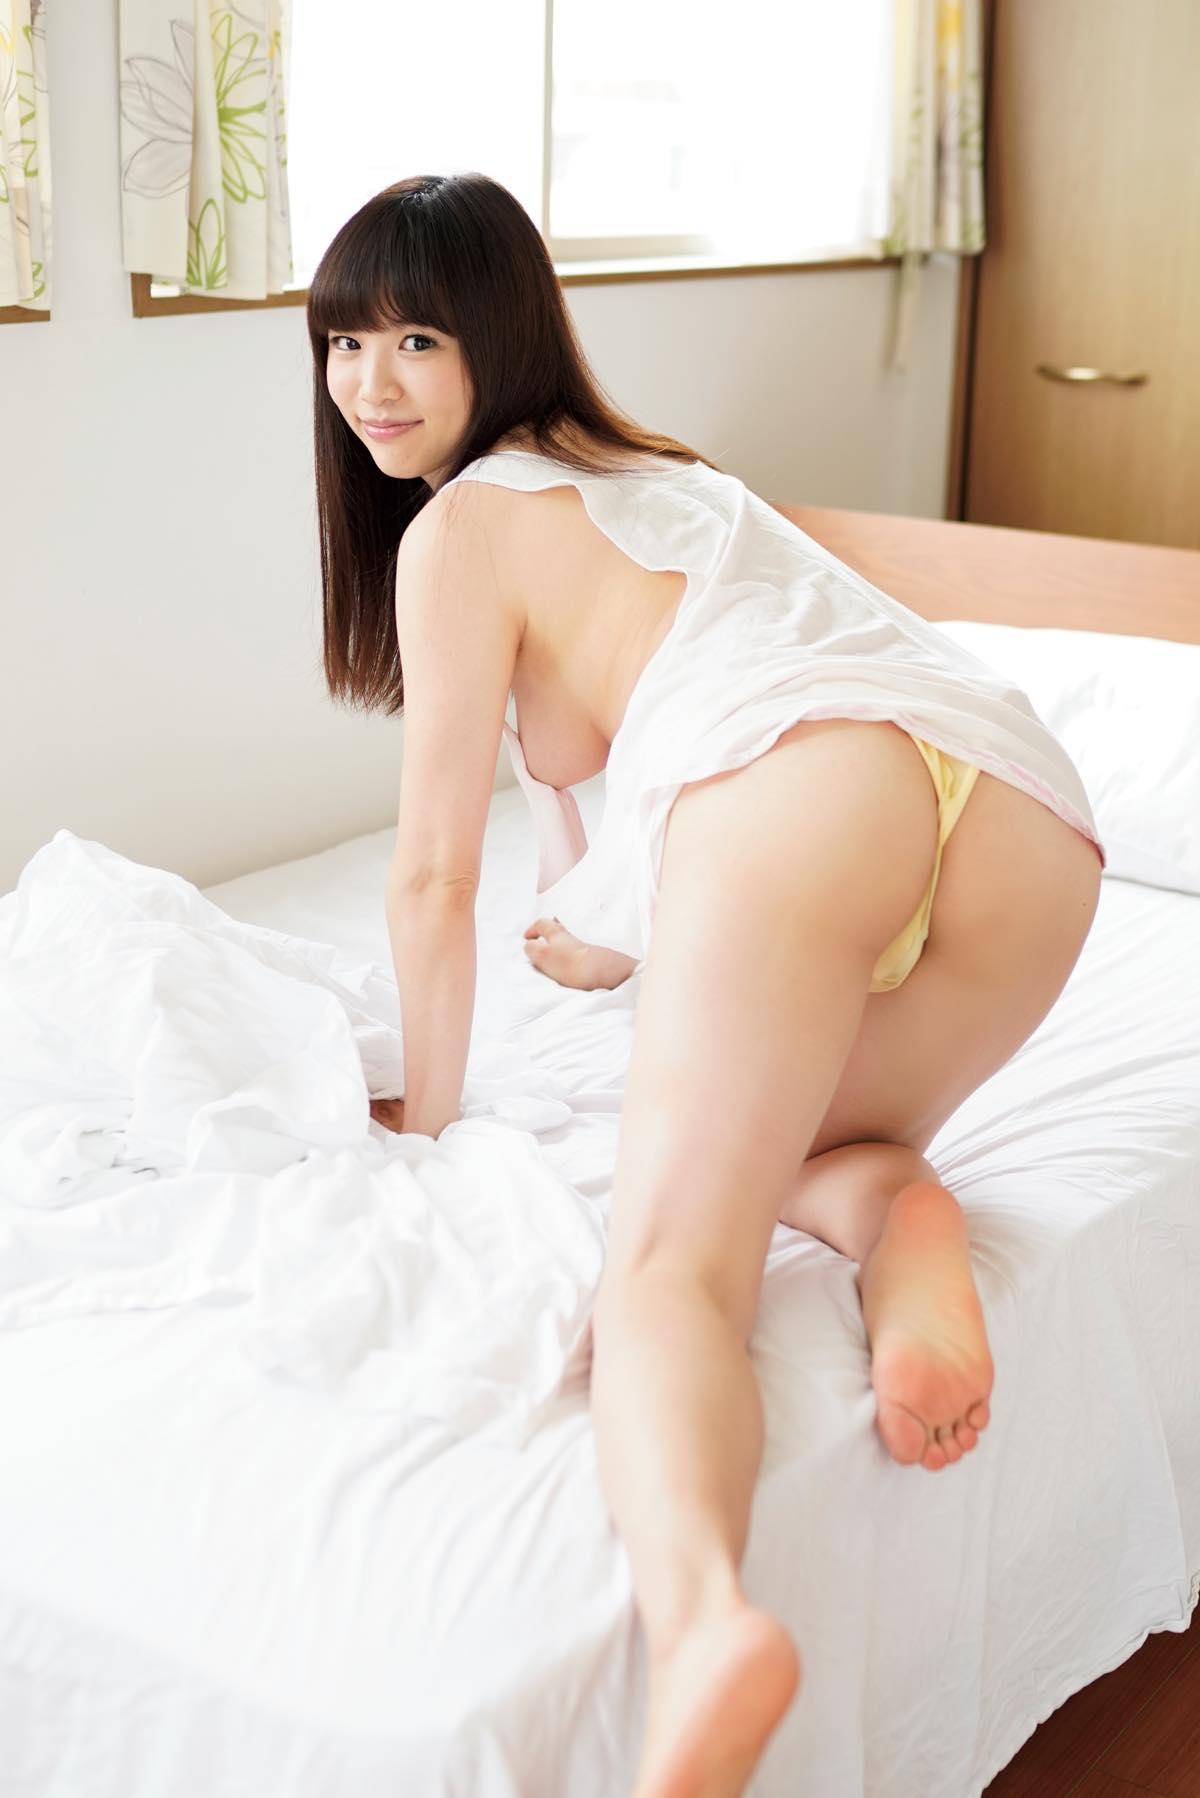 鈴原りこ「お、お尻が……」衝撃の大胆露出!【写真12枚】の画像002